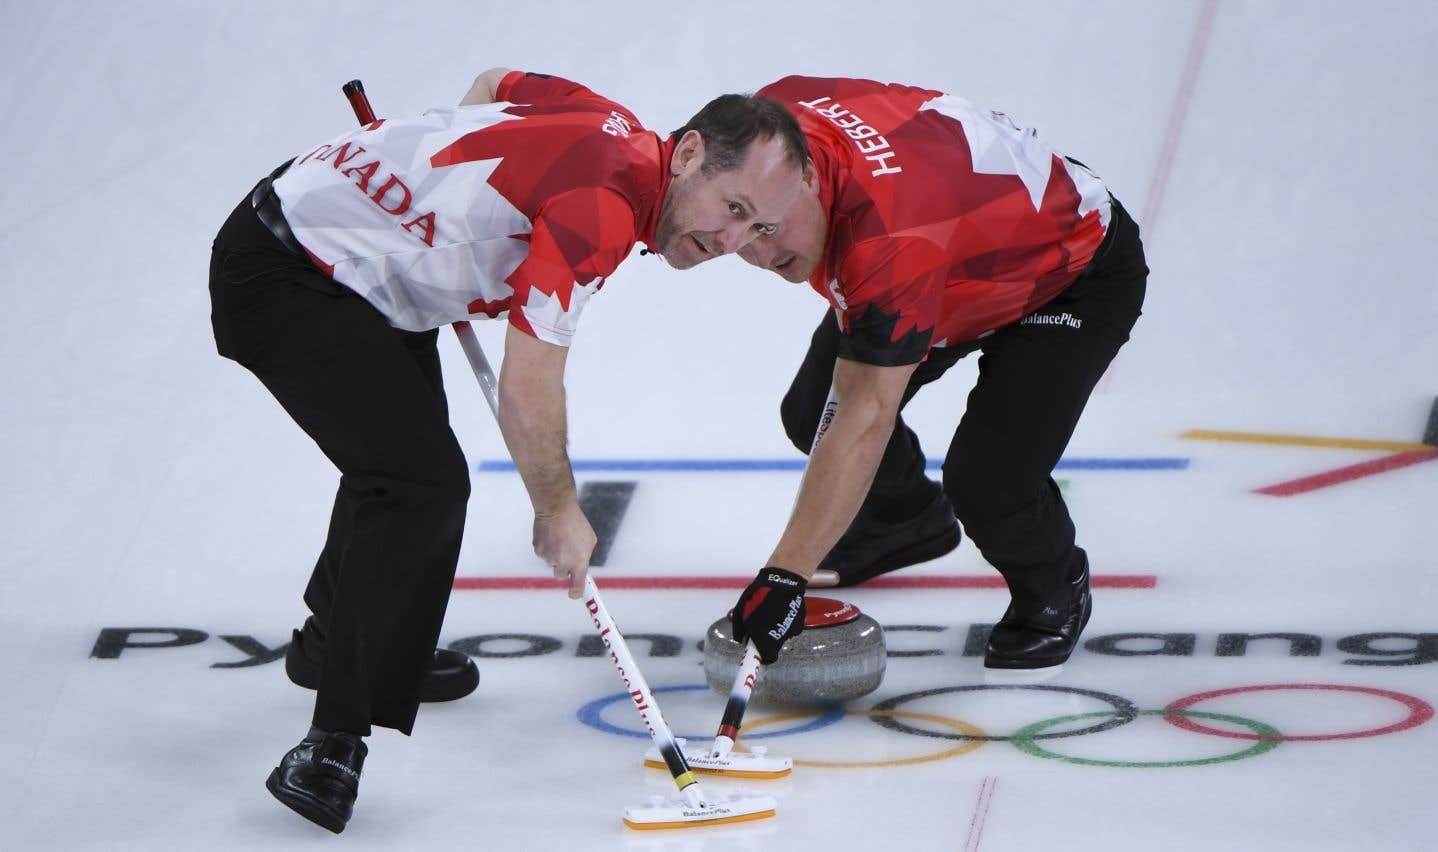 Les curleurs canadiens Brent Laing et Ben Hebert, lors du match contre la Suède